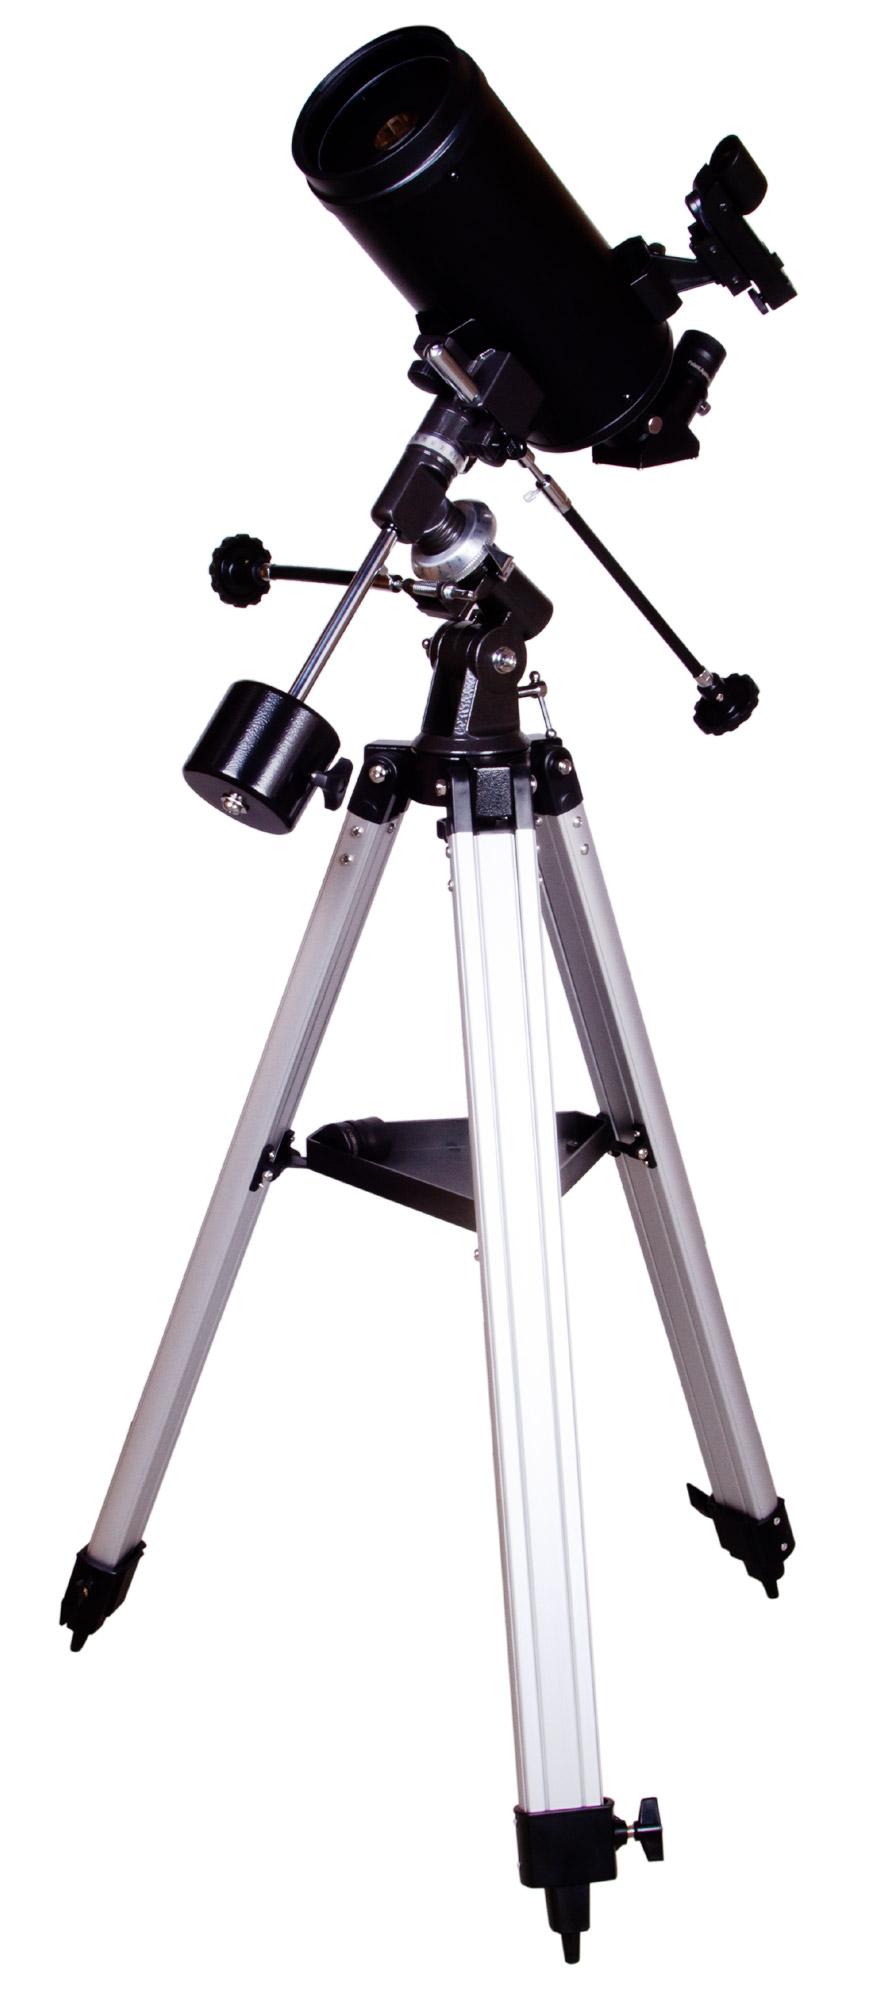 Картинка для Телескоп Levenhuk (Левенгук) Skyline PLUS 105 MAK